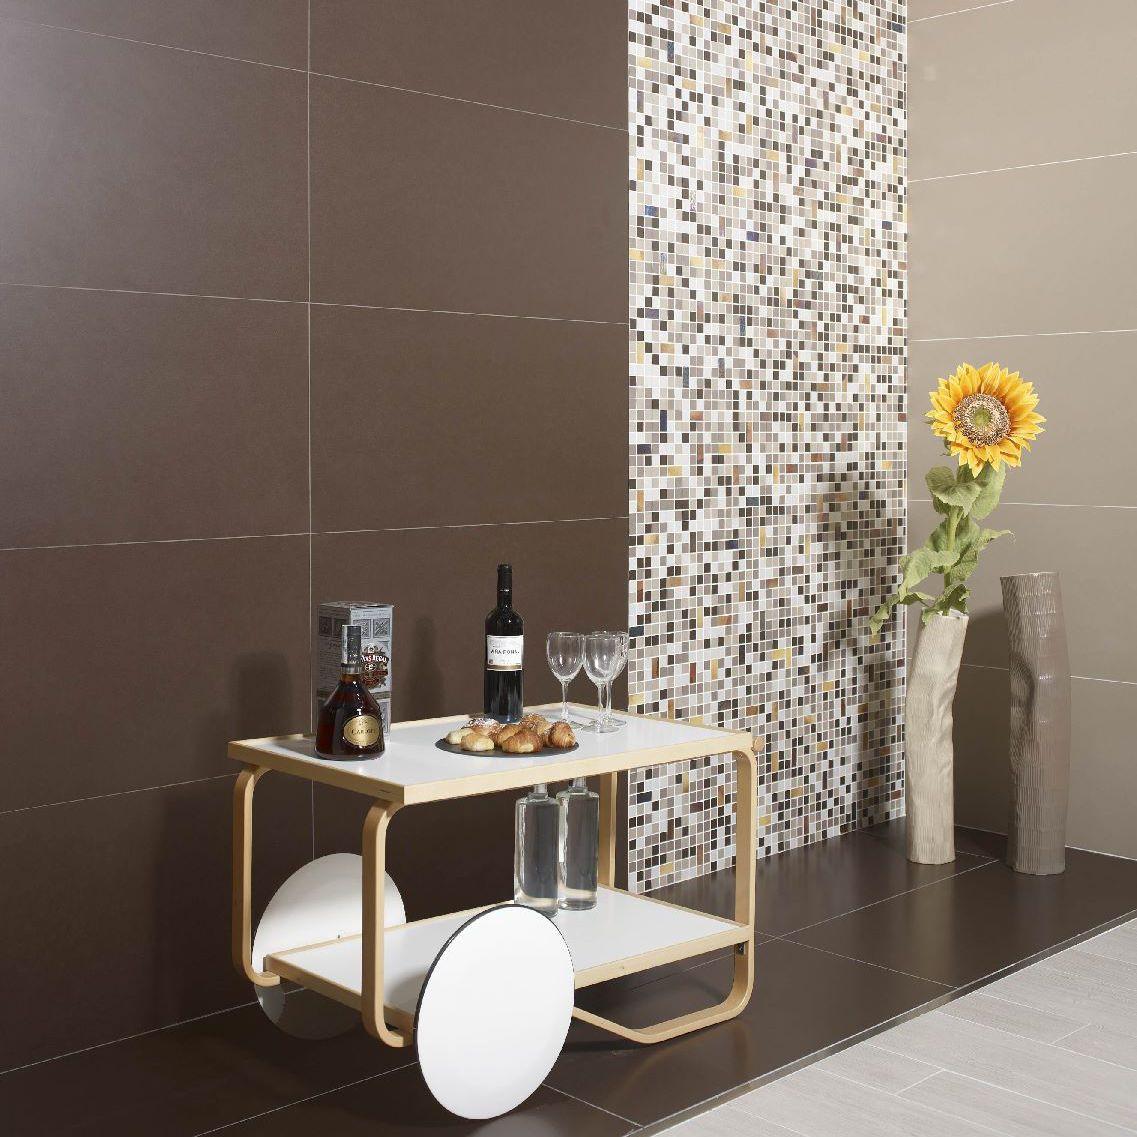 Carrelage Sol Interieur Renovation carrelage sol intérieur proyeccion cacao 45 x 45 cm saloni ceramica